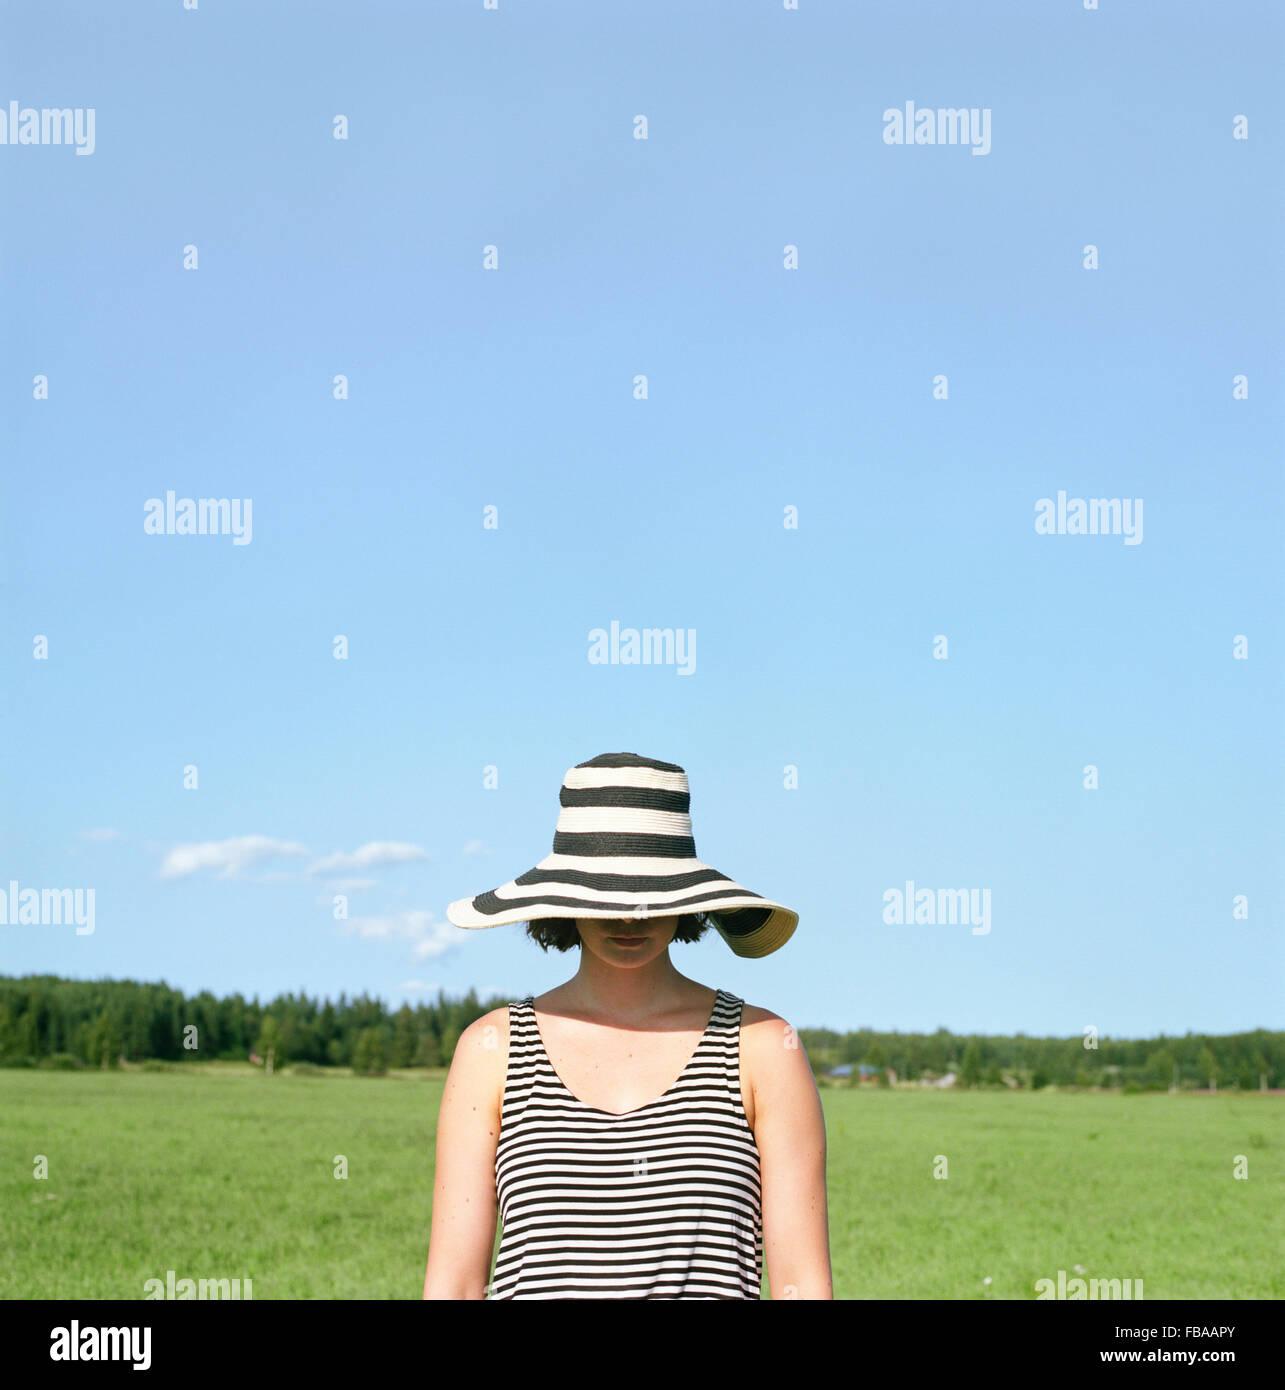 Finlandia, Uusimaa, Lapinjarvi, donna che indossa hat che copre il volto Immagini Stock